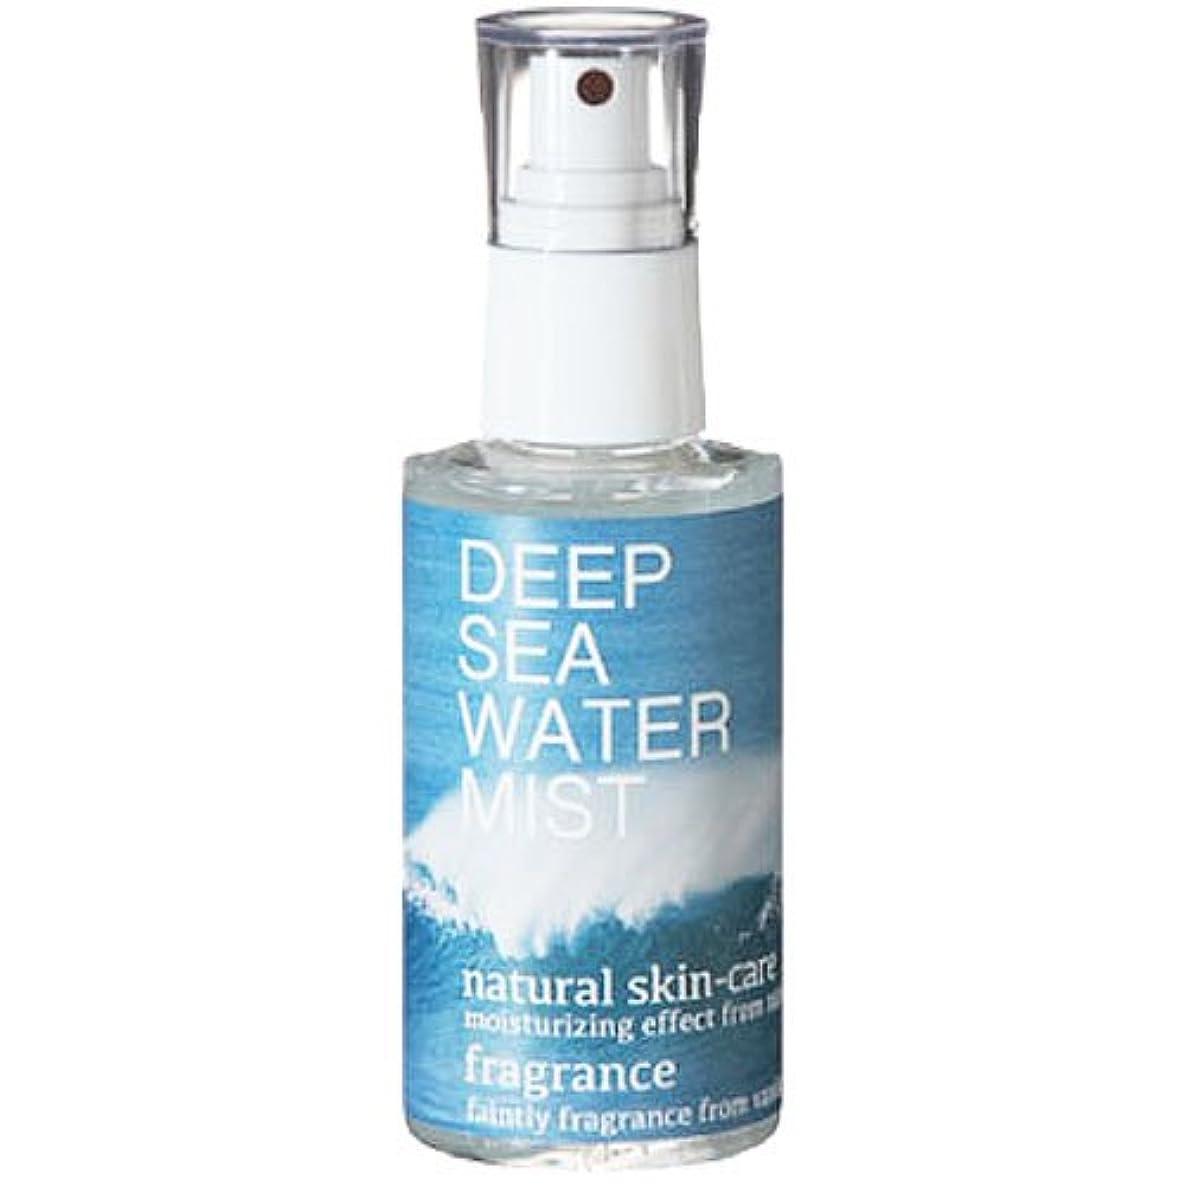 汚れた緑保育園メディワン  ナチュラルミスト  DEEP SEA WATER MIST(ディープシーウォーターミスト)  120ml